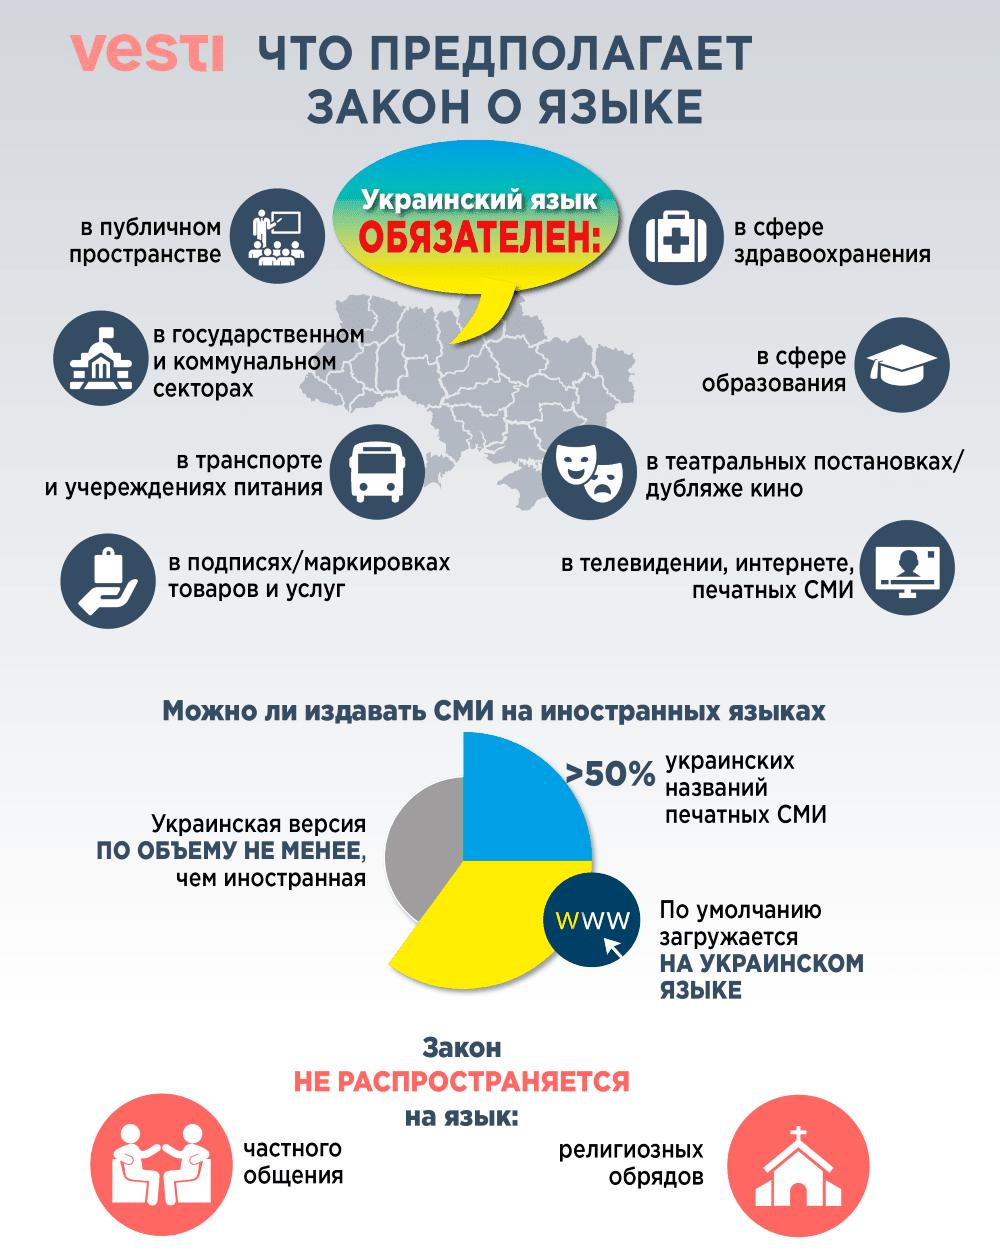 Стоимость услуг по переводу сайта на украинский язык